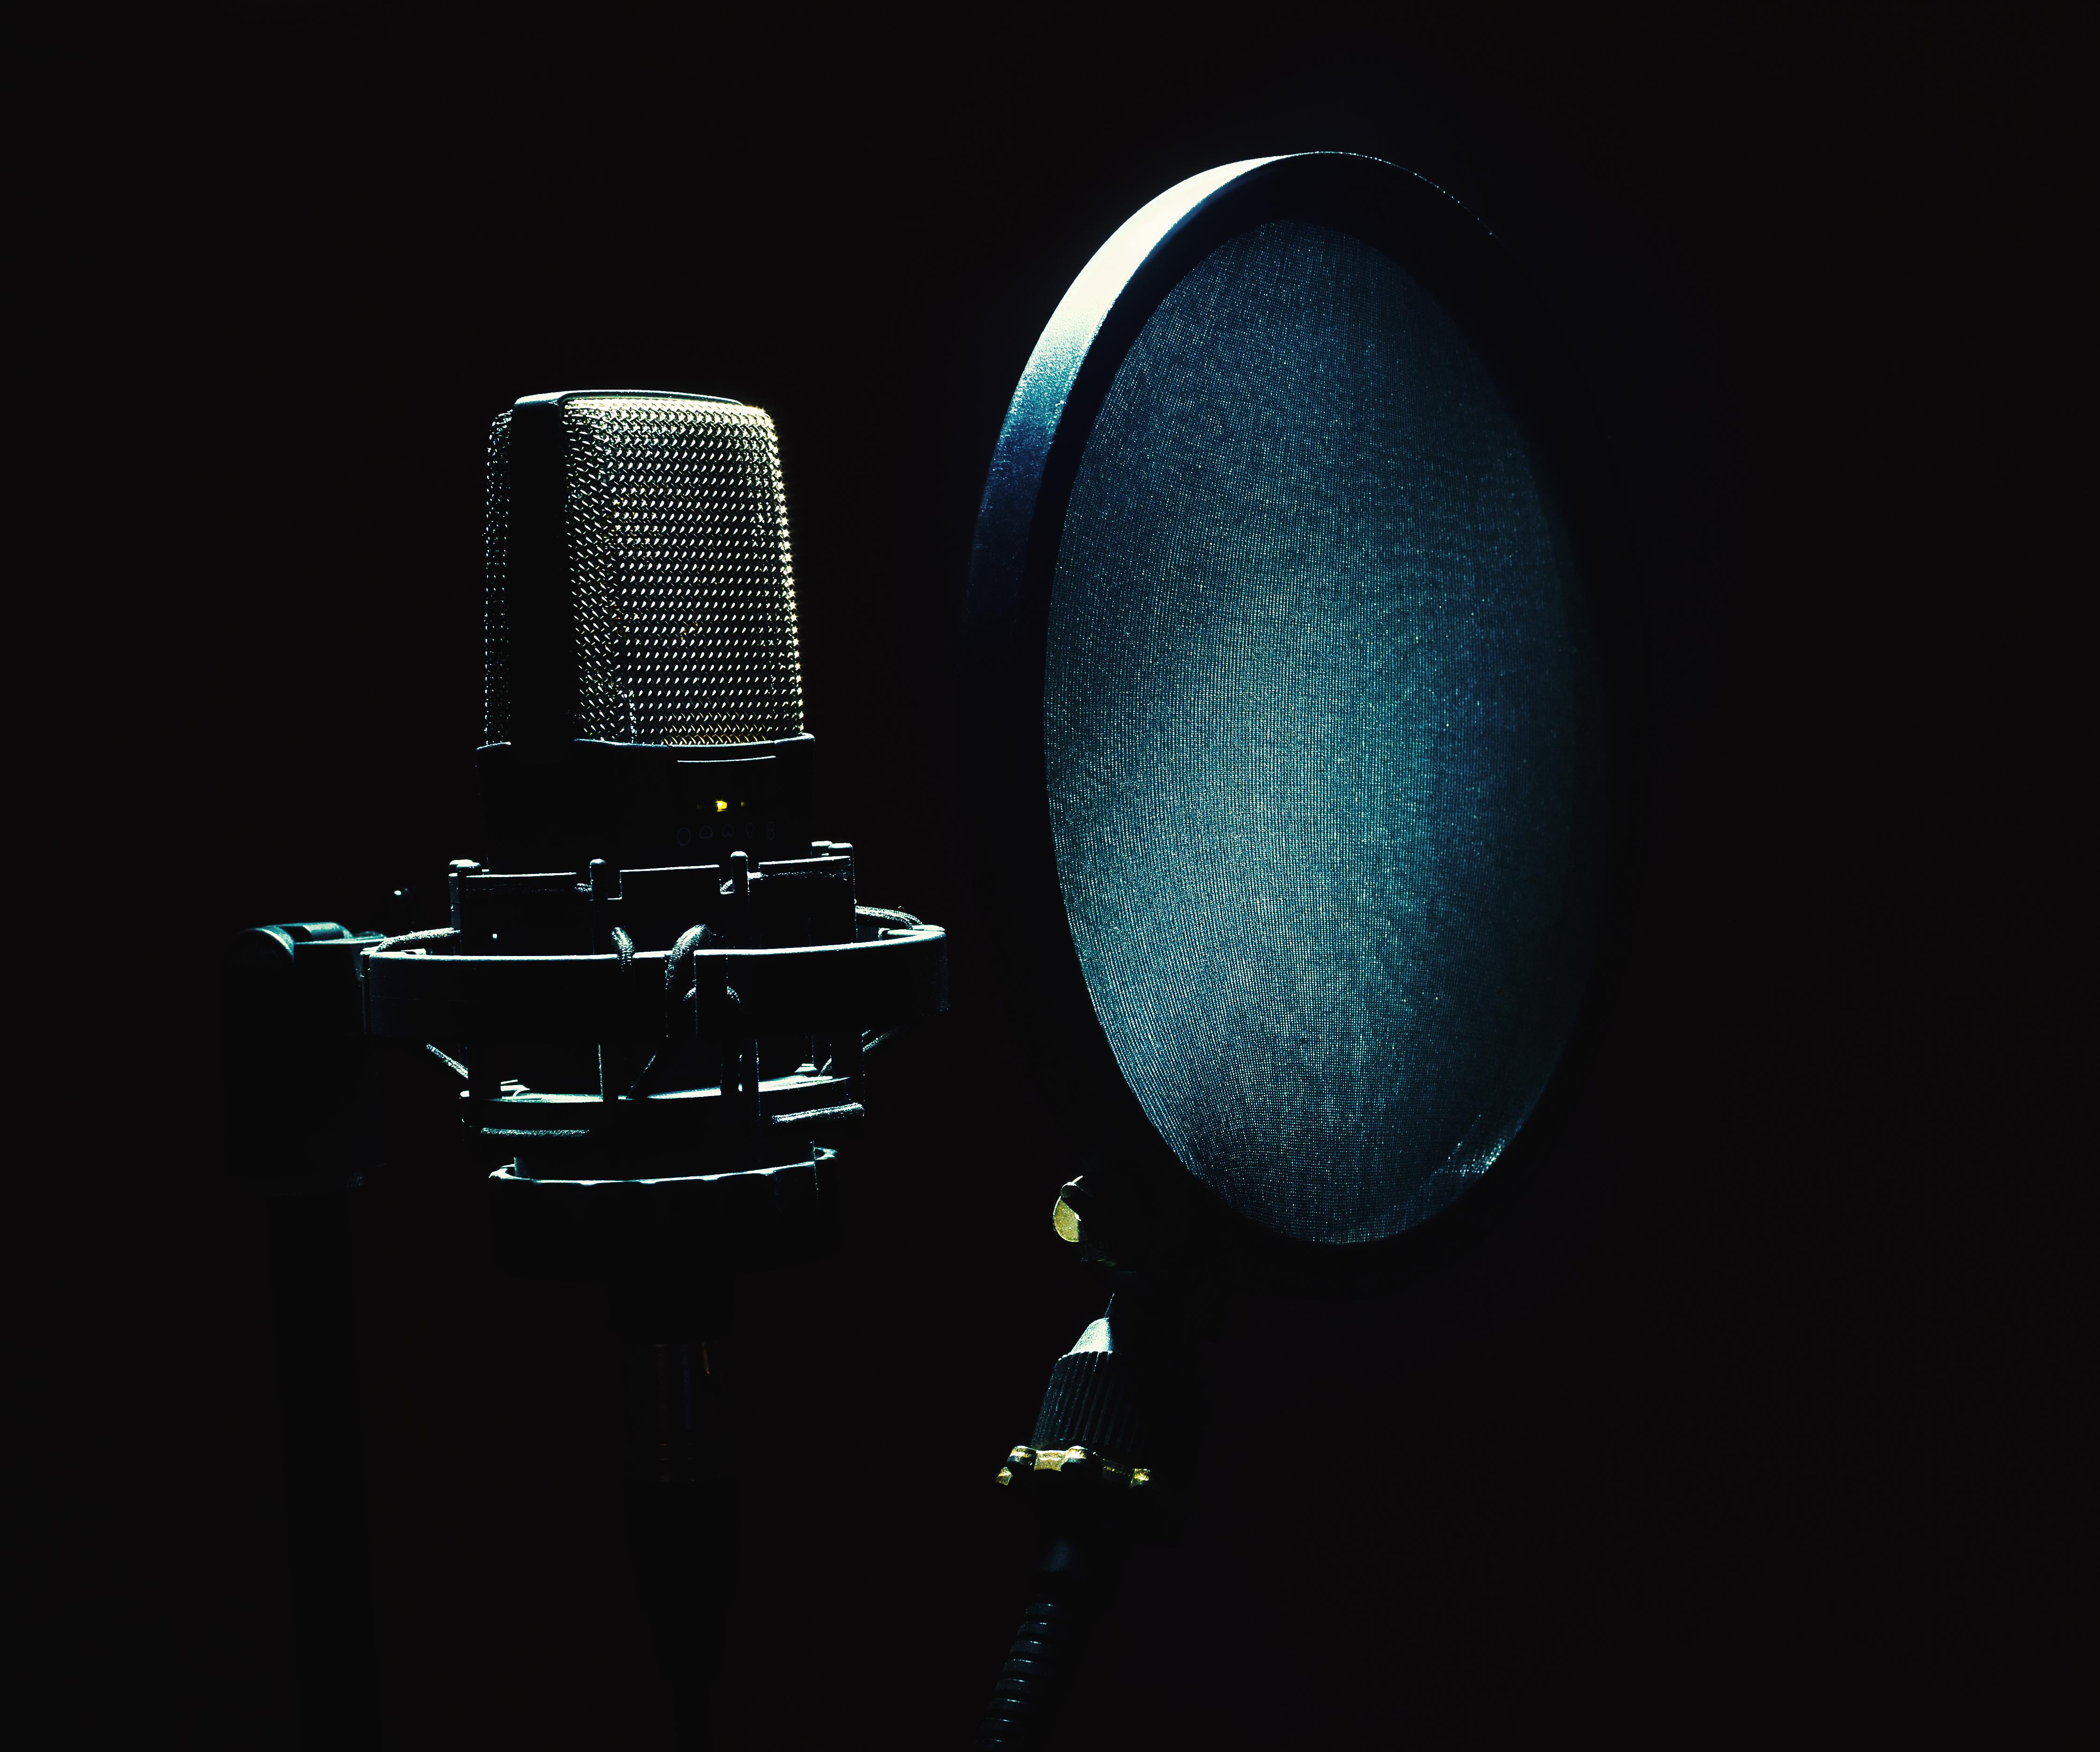 132545 Salvapantallas y fondos de pantalla Música en tu teléfono. Descarga imágenes de Música, Micrófono, Equipo Musical, Oscuridad gratis